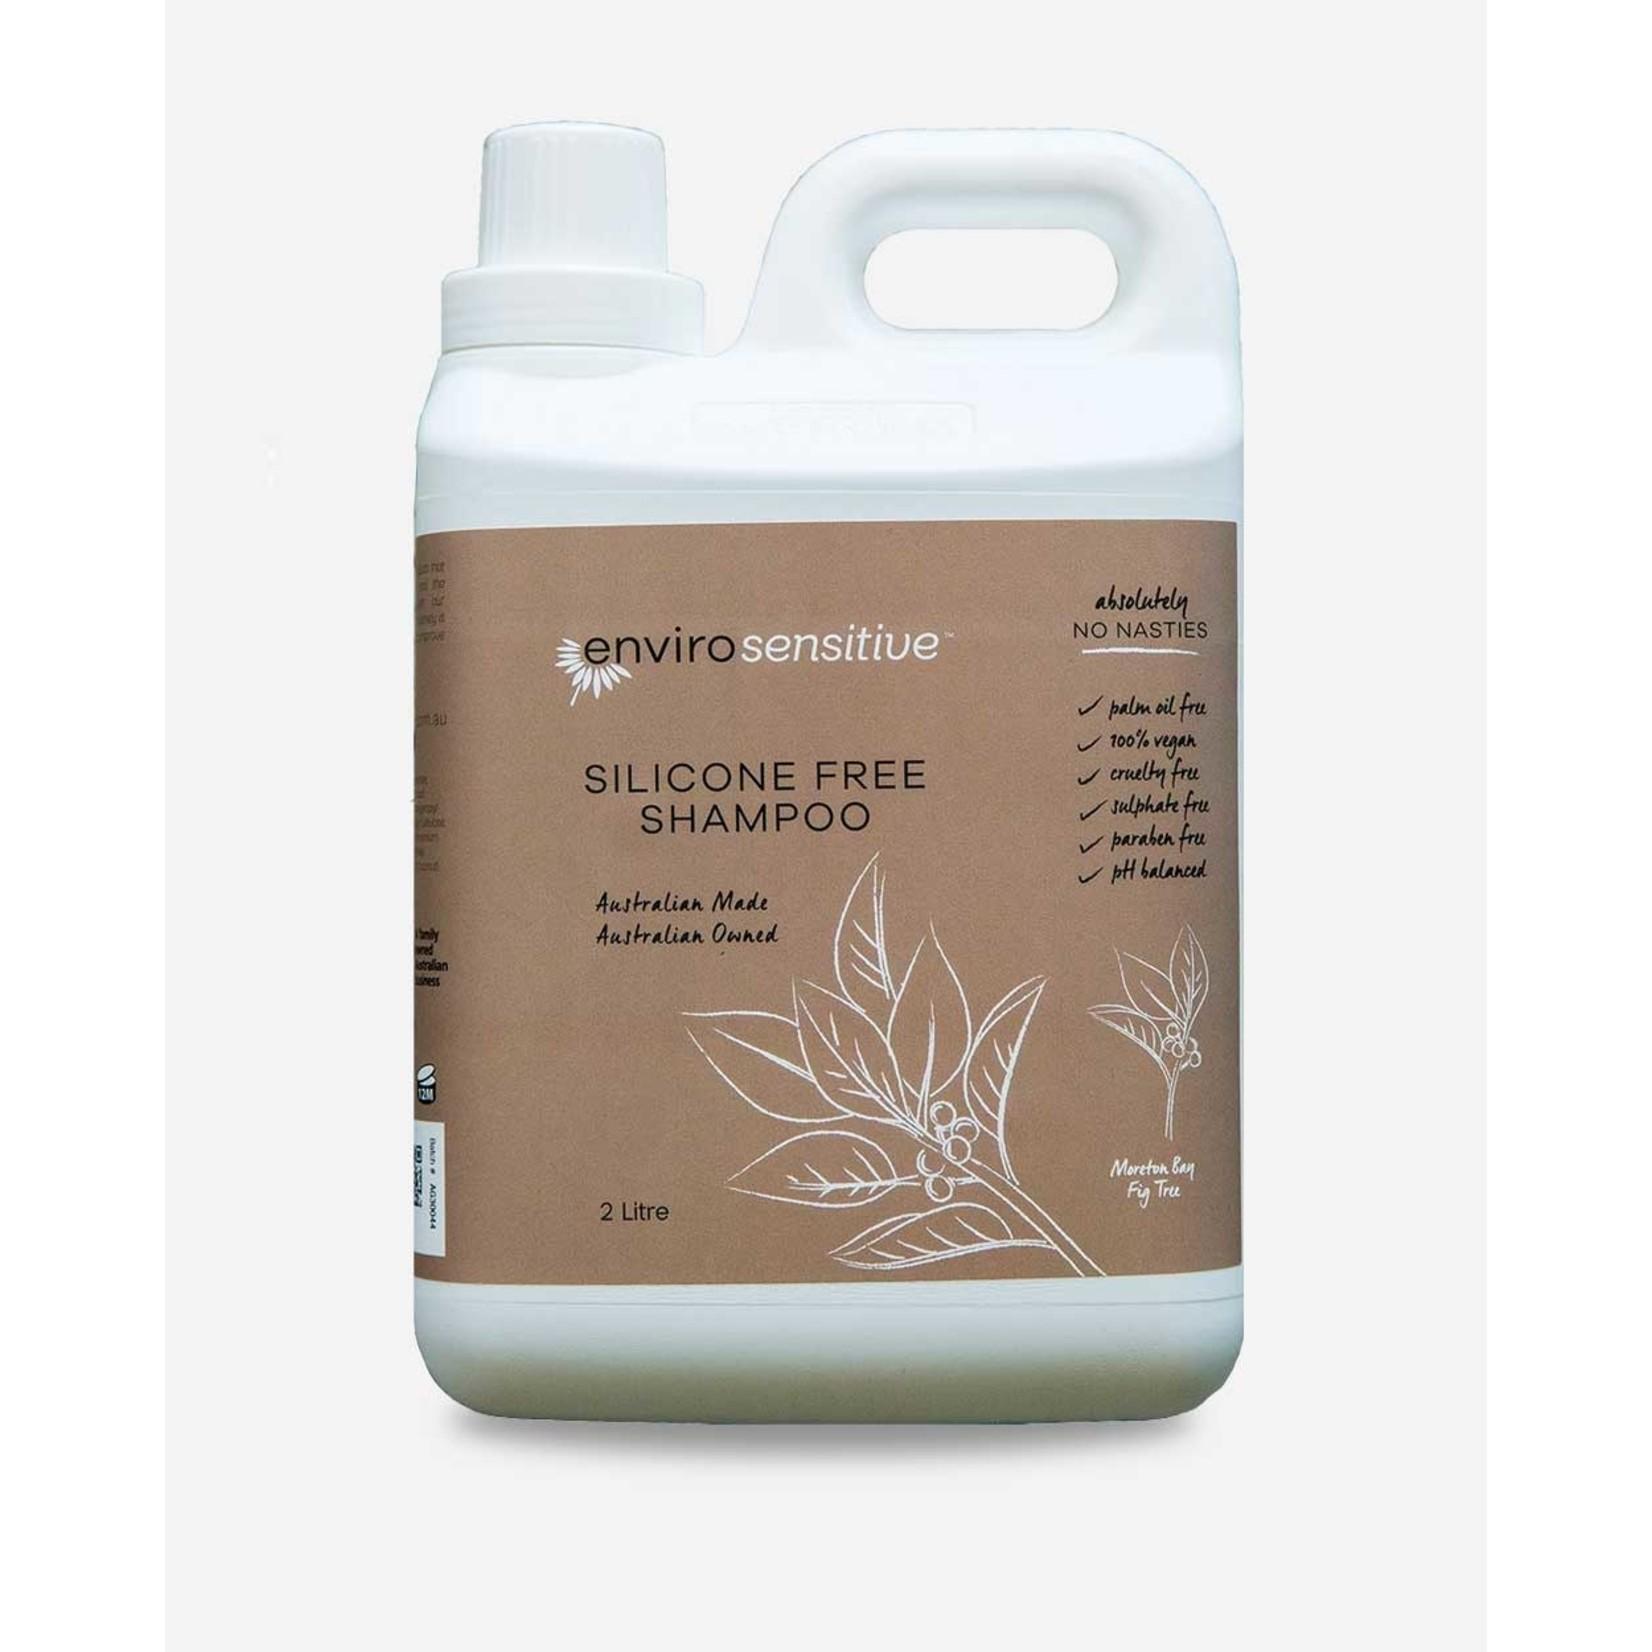 EnviroSensitive Enviro Sensitive Silicone Free Shampoo